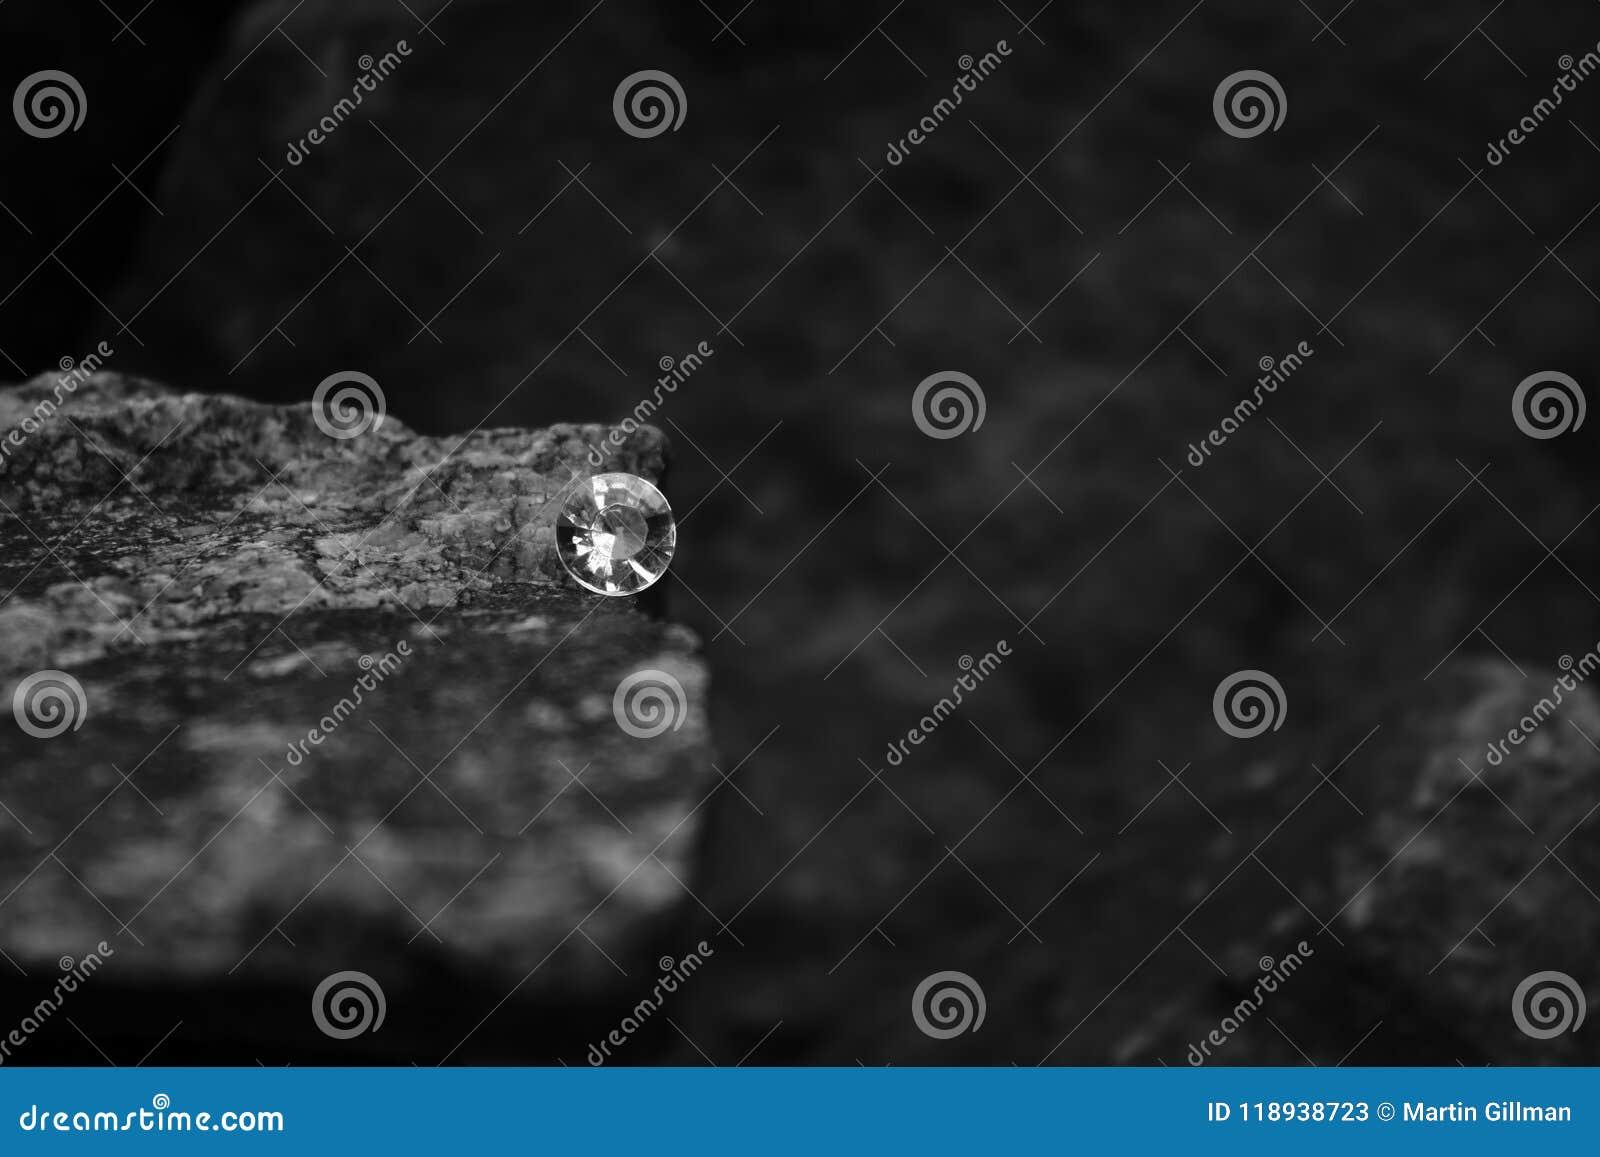 Ein Nahaufnahme-Bild von einzelnen Diamond Showing die Facetten des Edelsteins auf einem Felsen